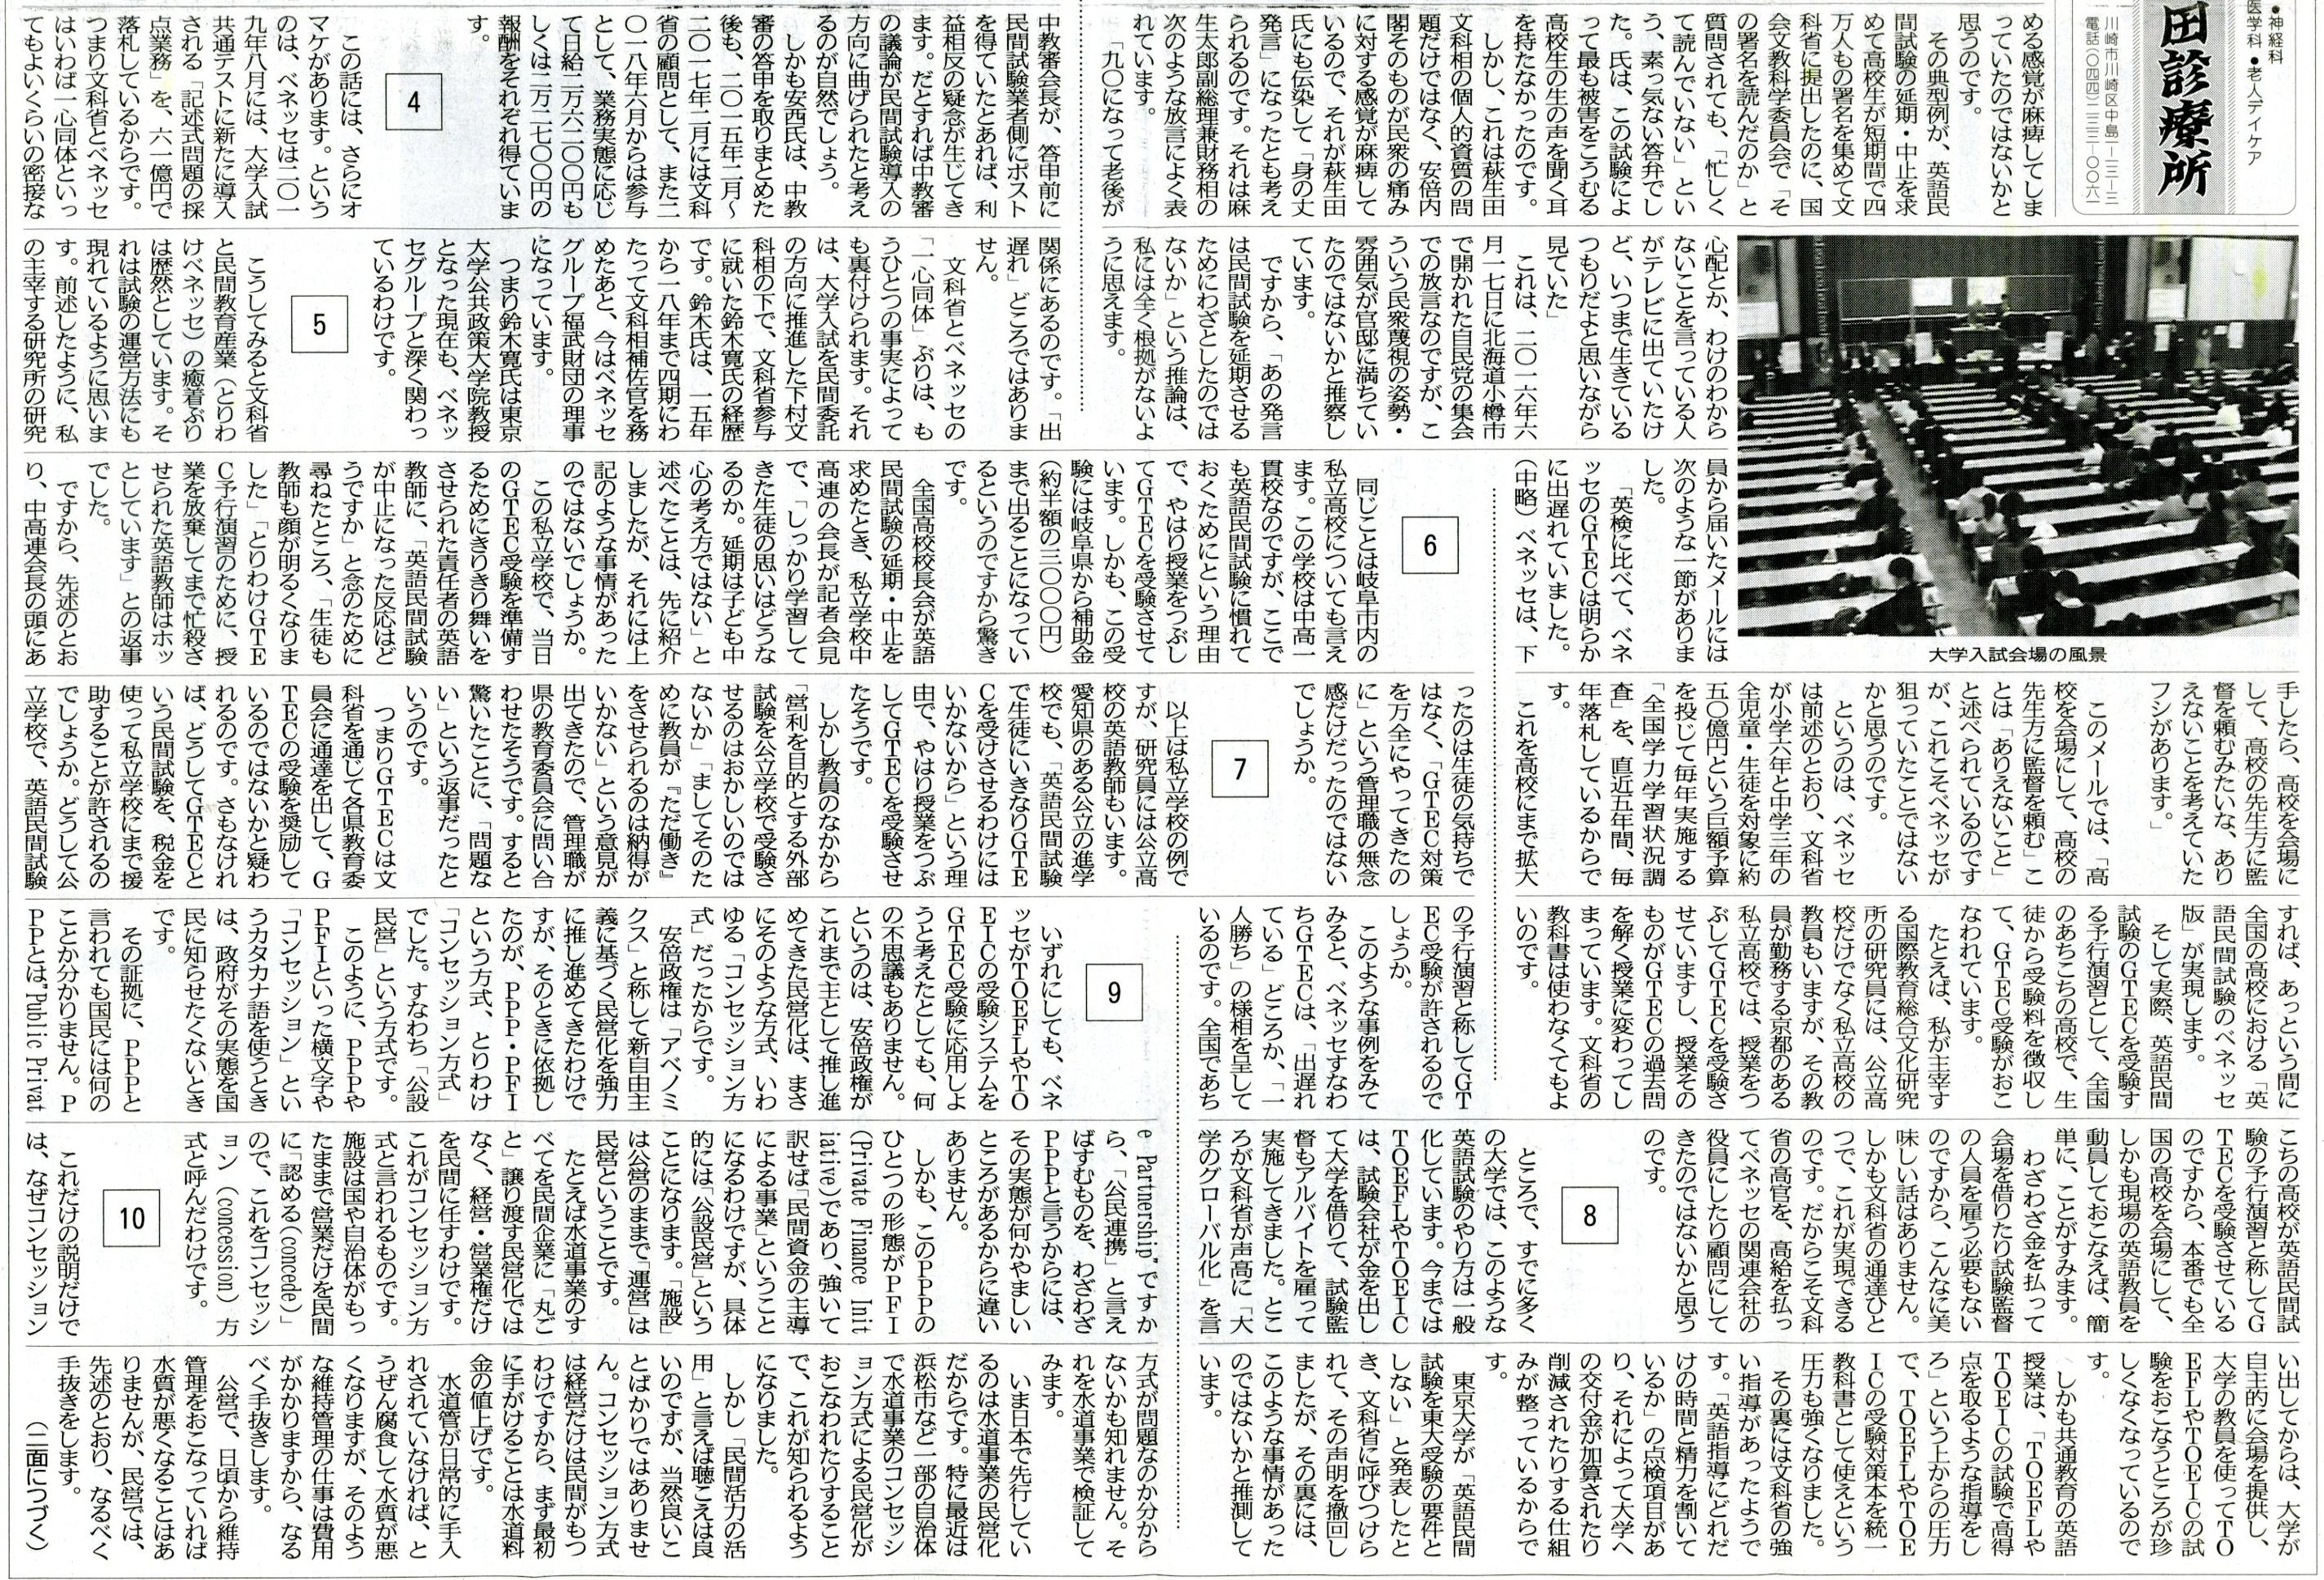 長周新聞新聞20191122隆吉「英語民間試験」379